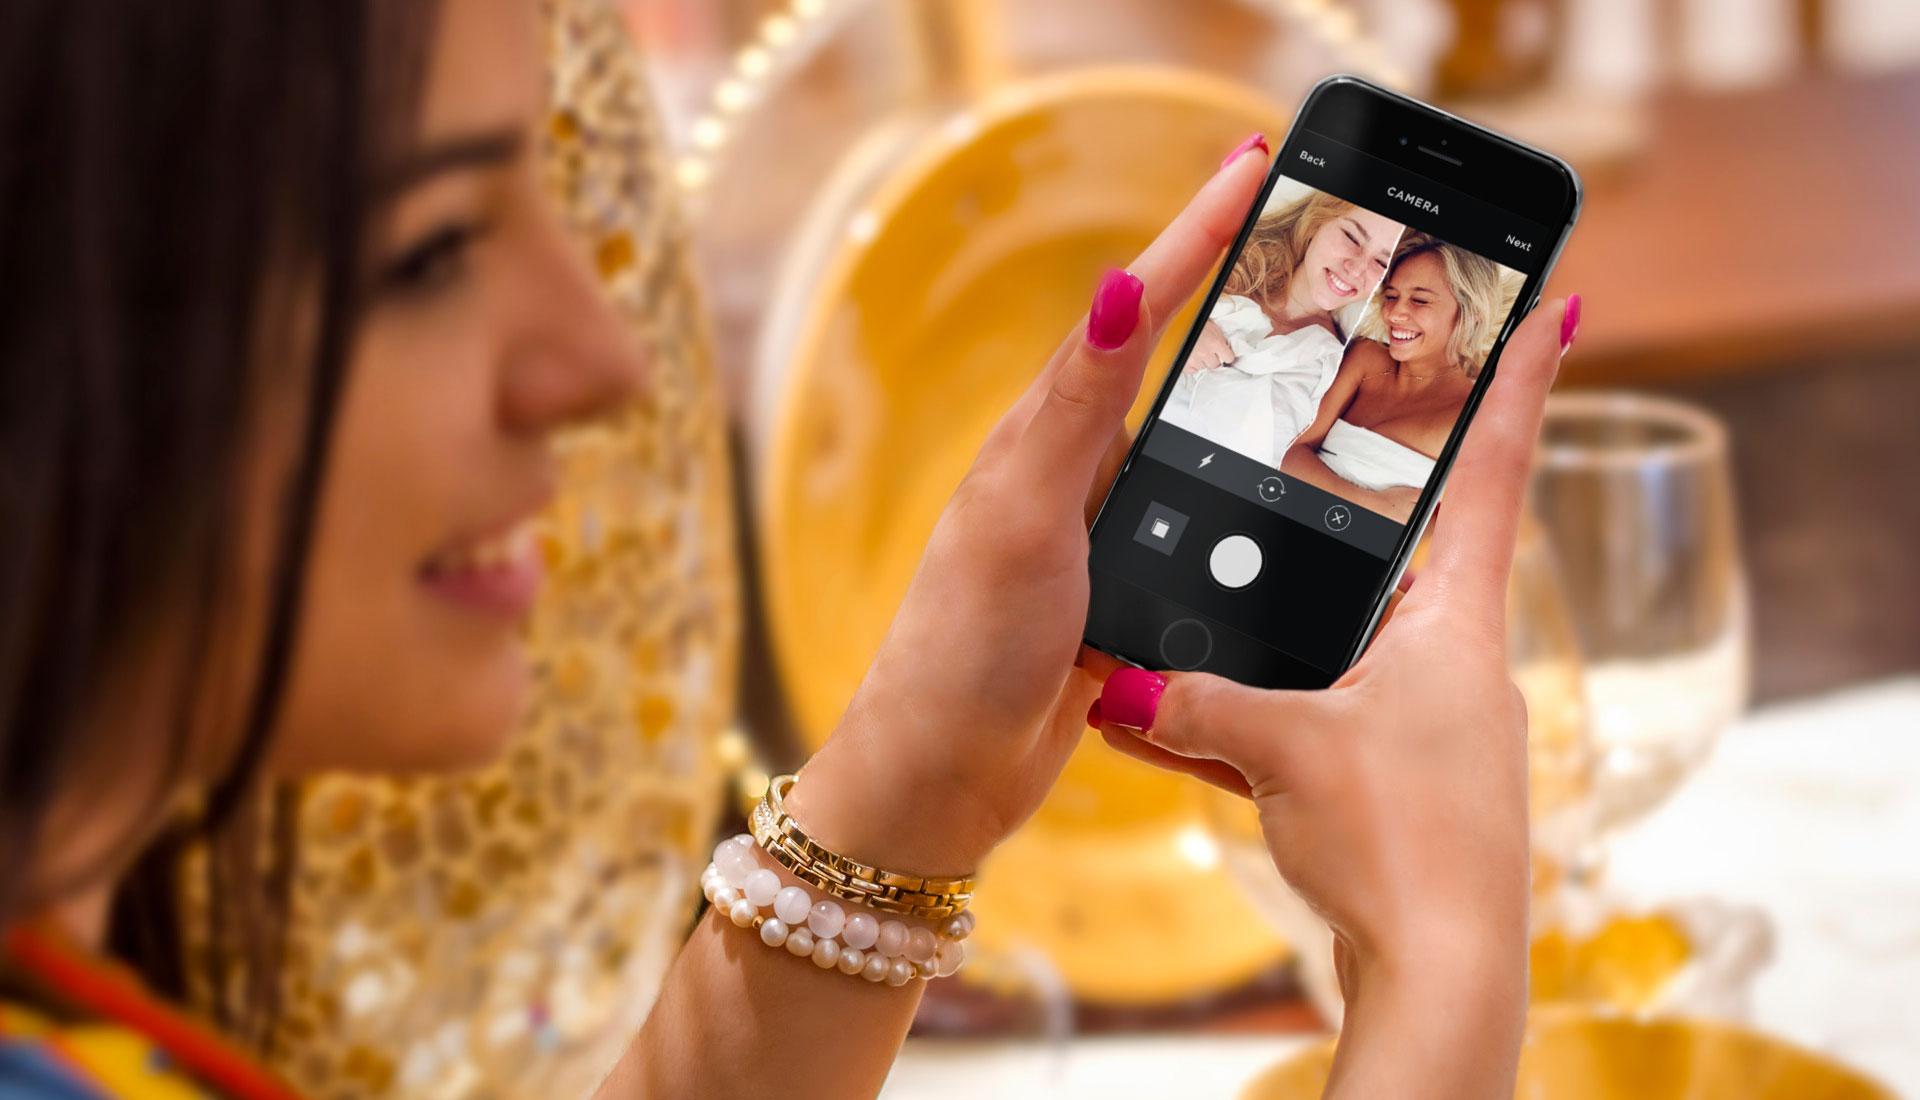 Girl using #Somethingincommon's app by Mango